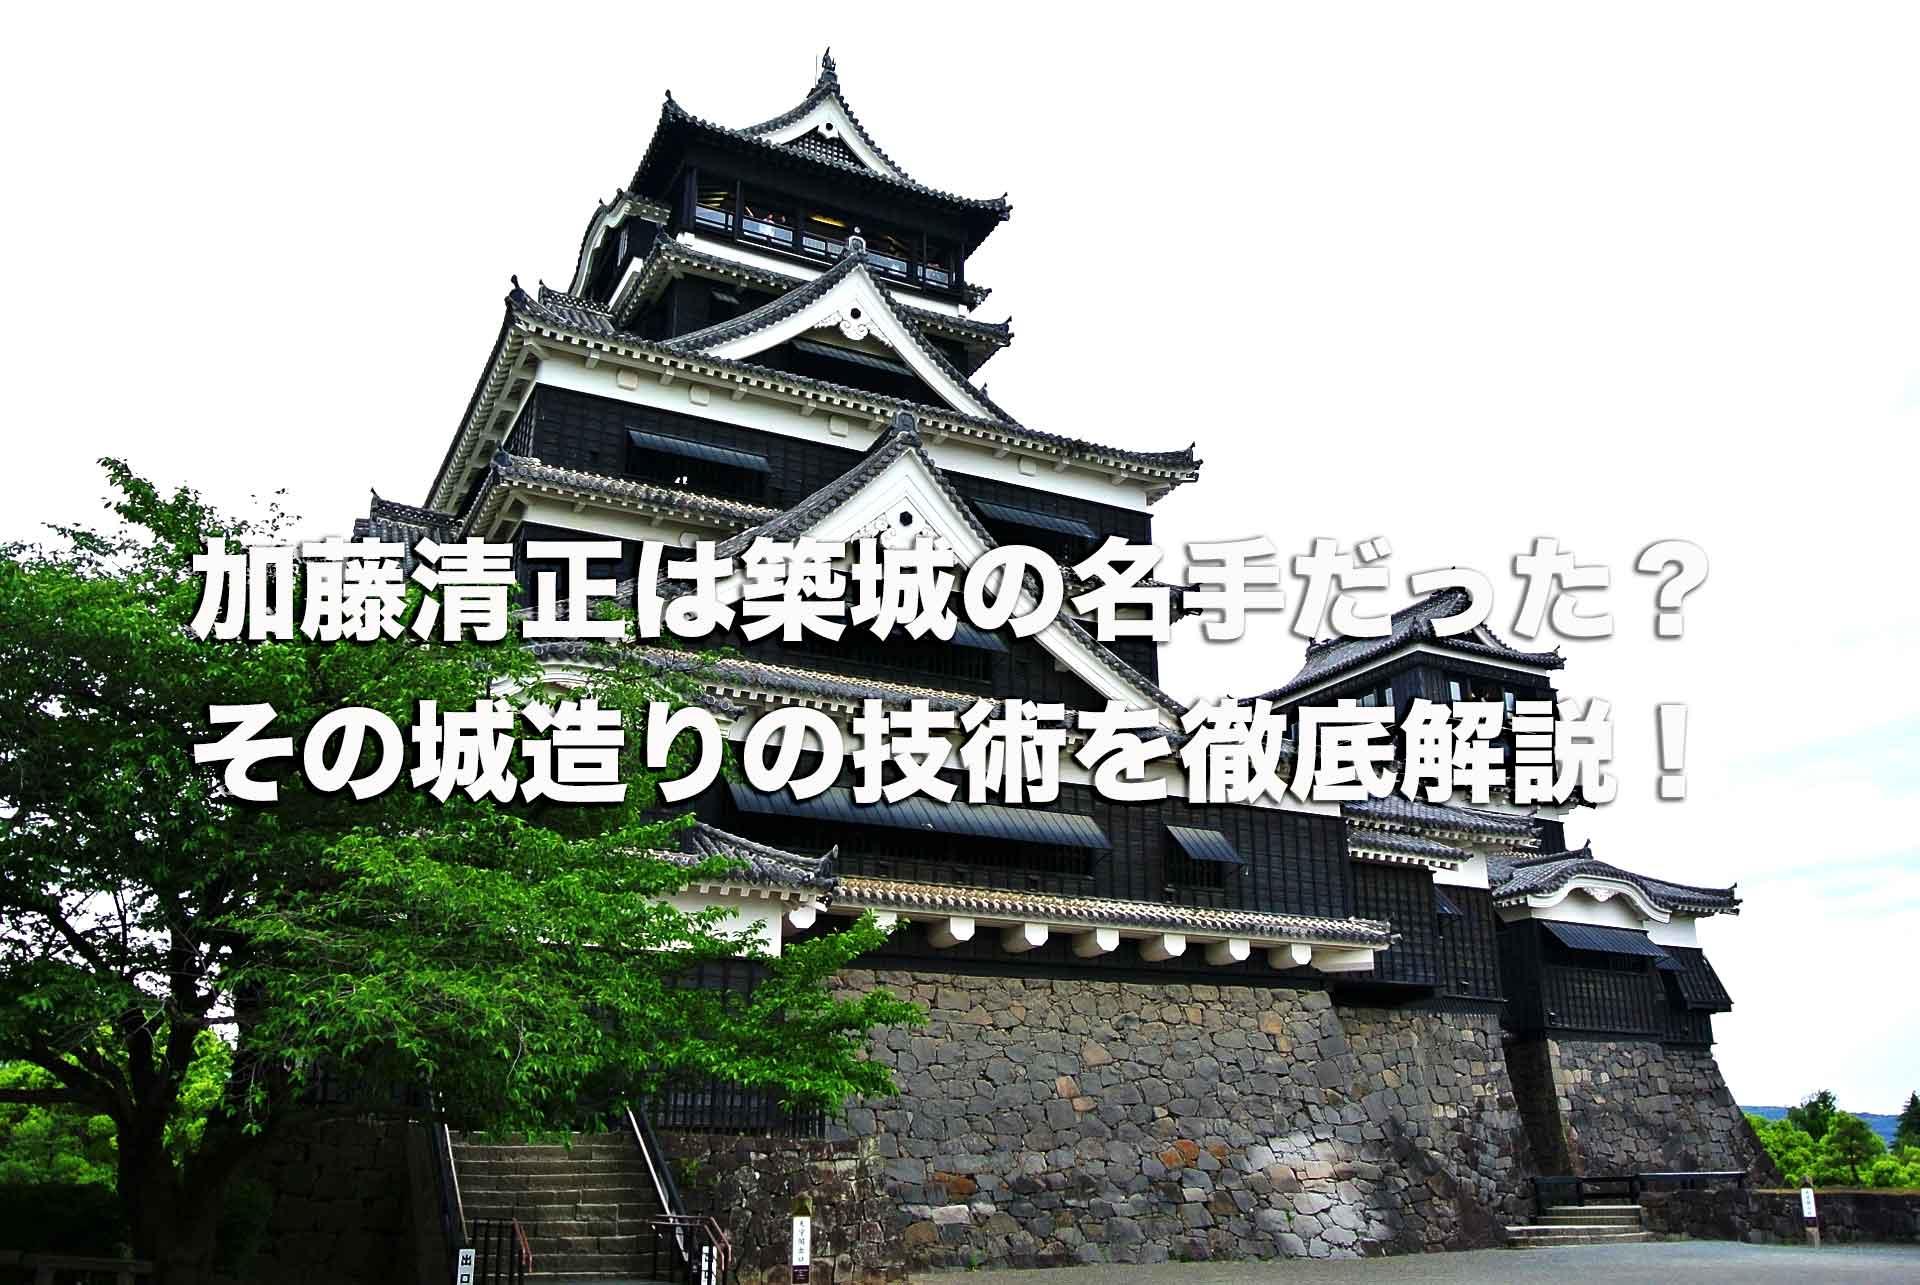 加藤清正は築城の名手だった?その城造りの技術と清正にゆかりのある城を徹底解説!